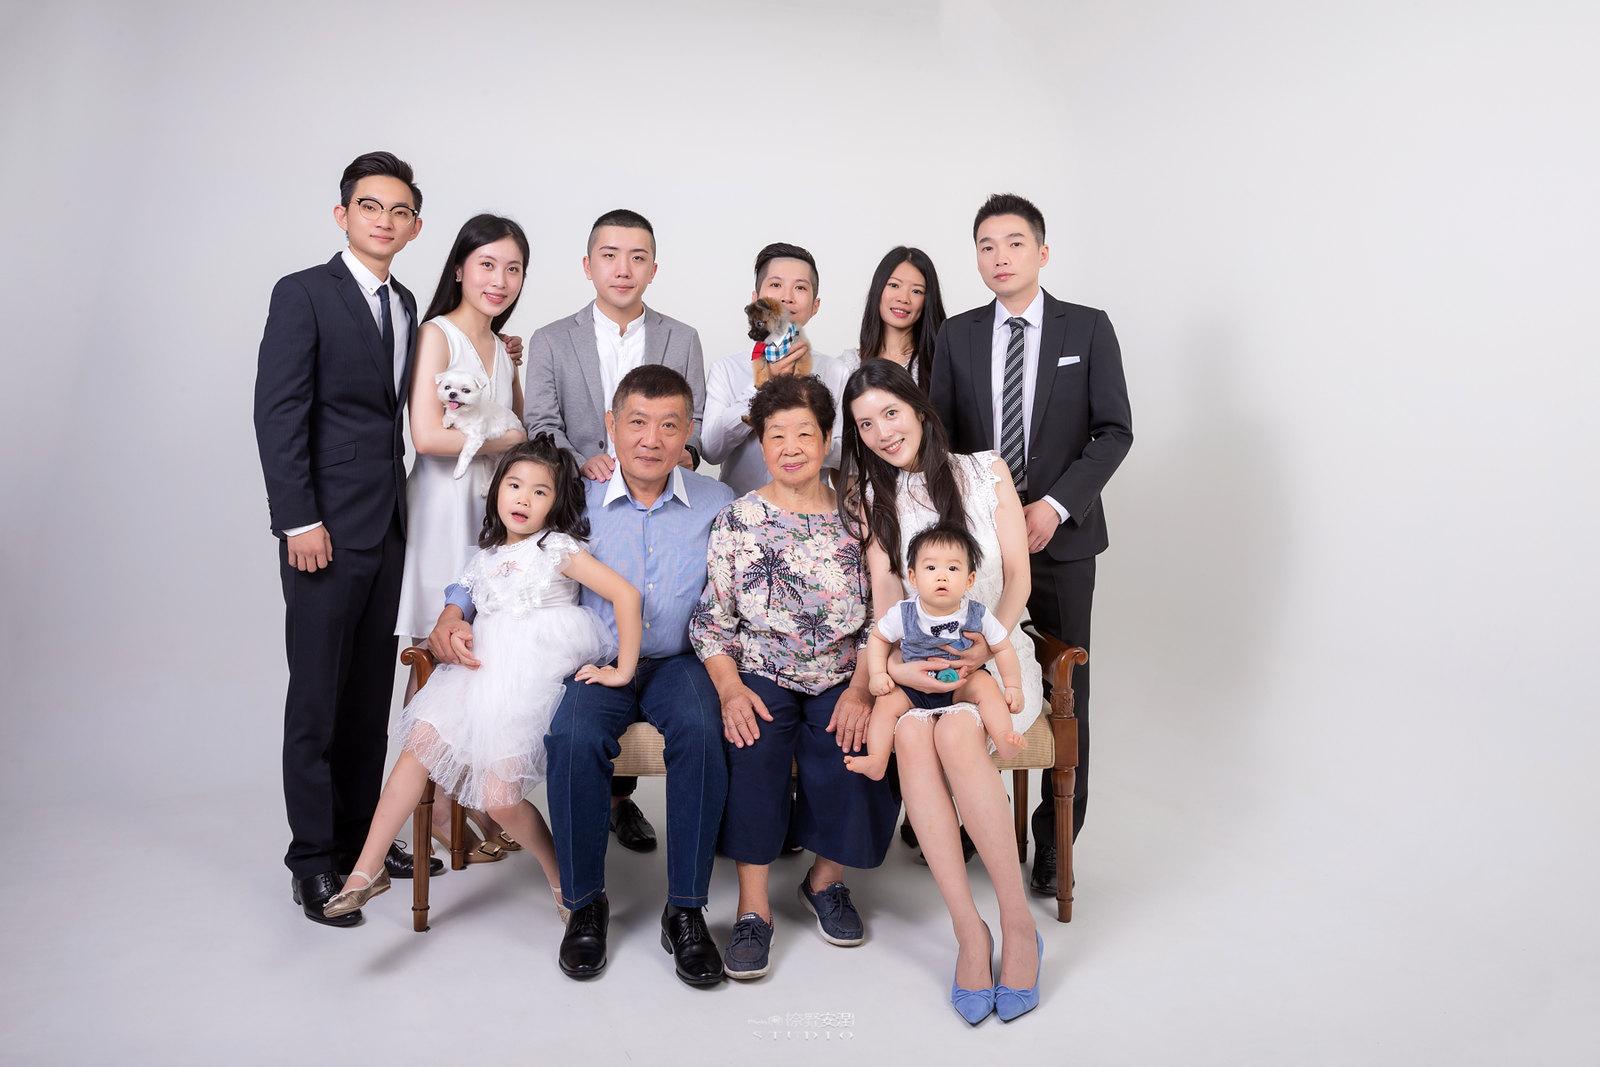 台南全家福 | 拋棄傳統合照的彆扭,忠實呈現家人間最親密的情感5